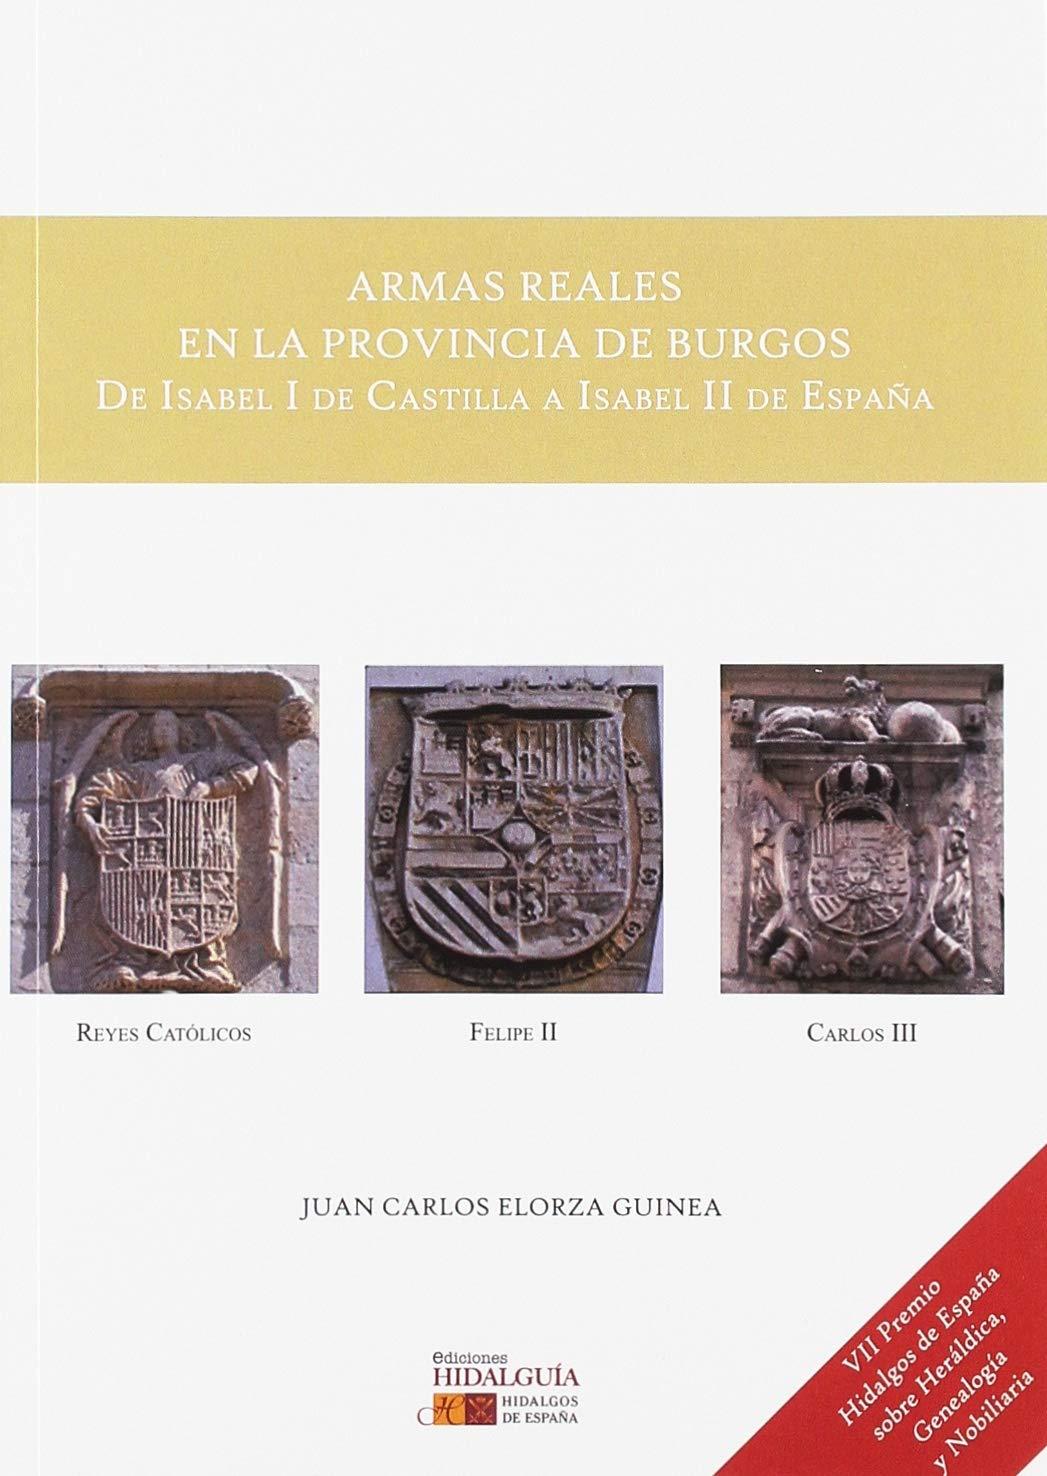 ARMAS REALES EN LA PROVINCIA DE BURGOS De Isabel I de Castilla a Isabel II de España : VII PREMIO HIDALGOS DE ESPAÑA SOBRE HERÁLDICA, GENEALOGÍA Y NOBILIARIA: Amazon.es: Elorza Guinea, Juan